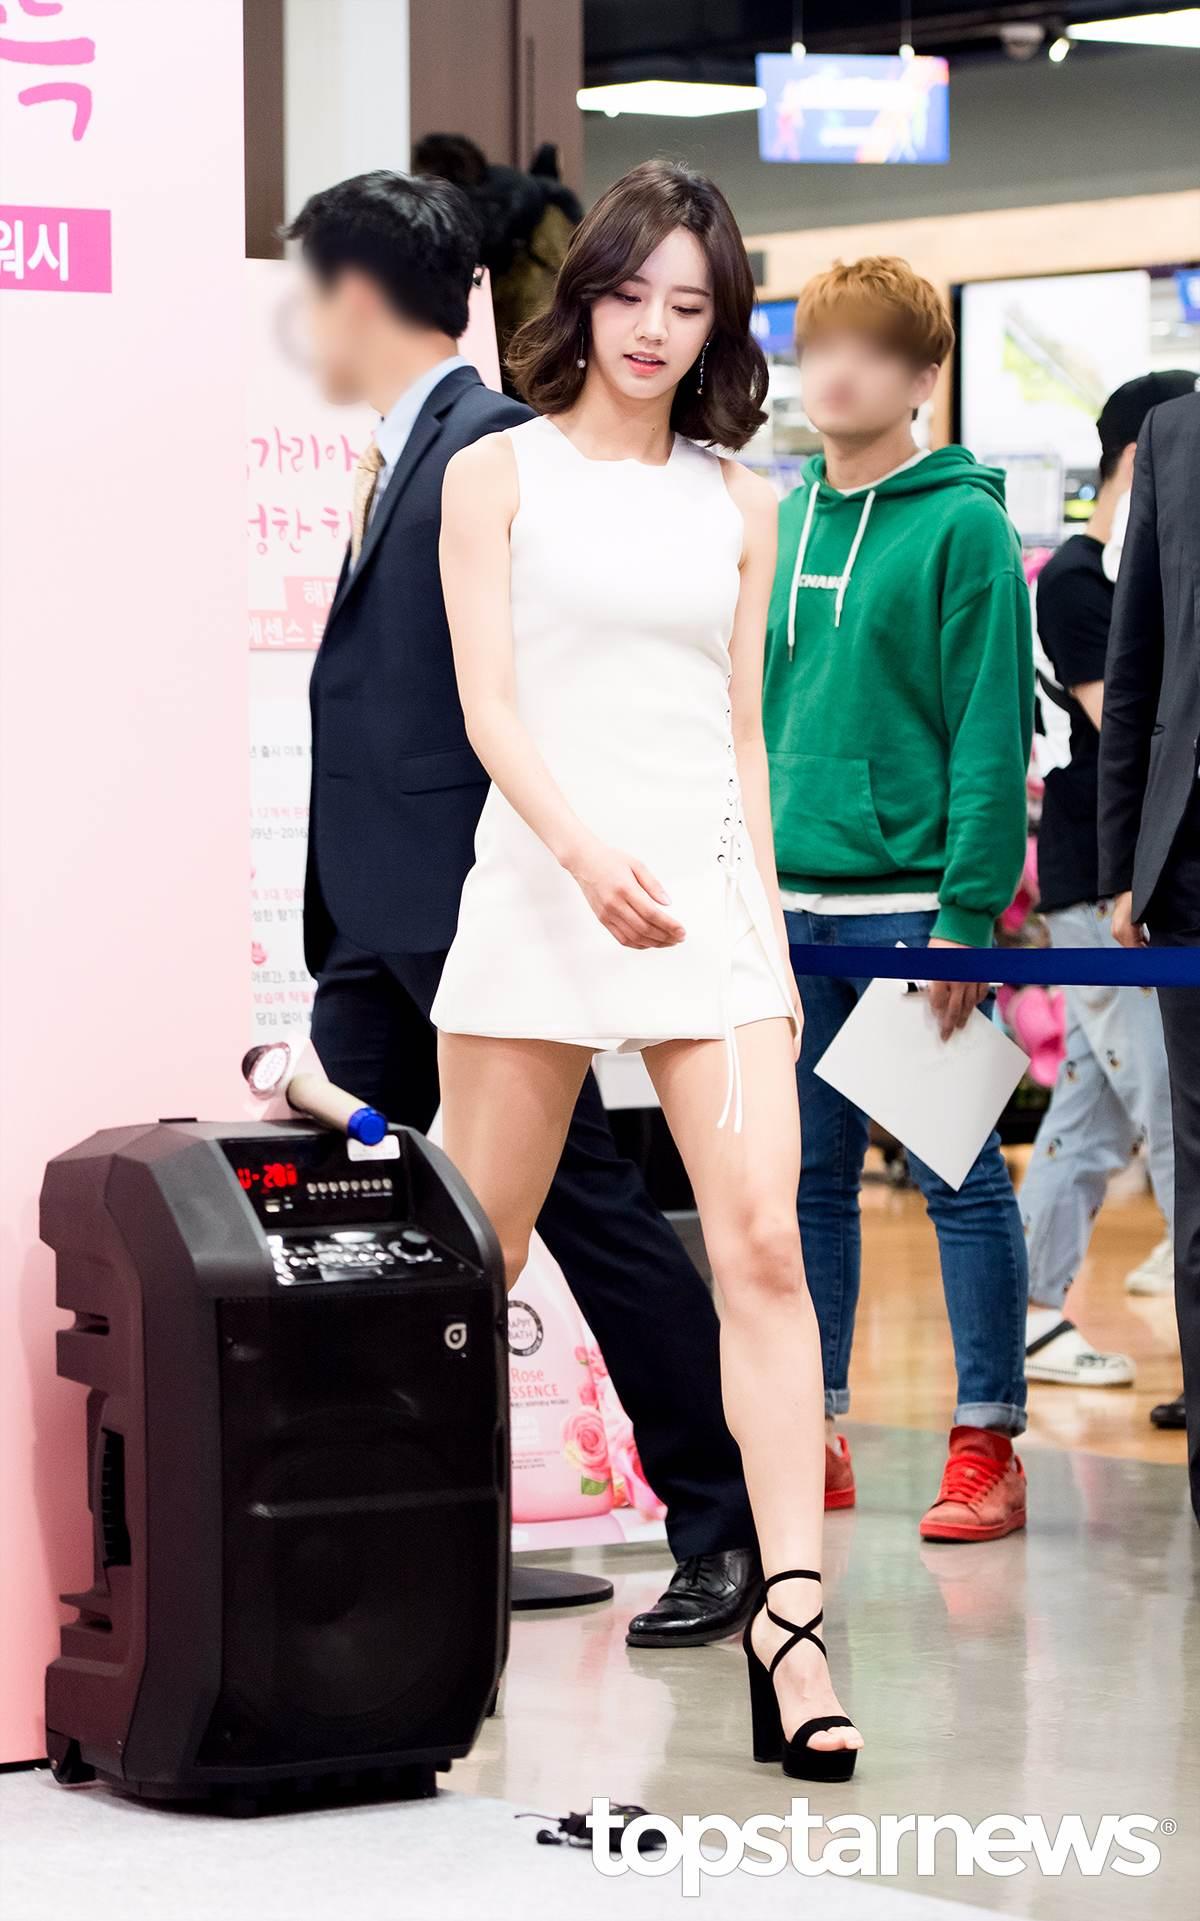 雖然是害粉絲們虛驚一場,不過惠利這一身超短裙+高跟鞋的裝扮真的很有女人味,也讓紛紛們感歎道「 忙內真的長大了」~~~